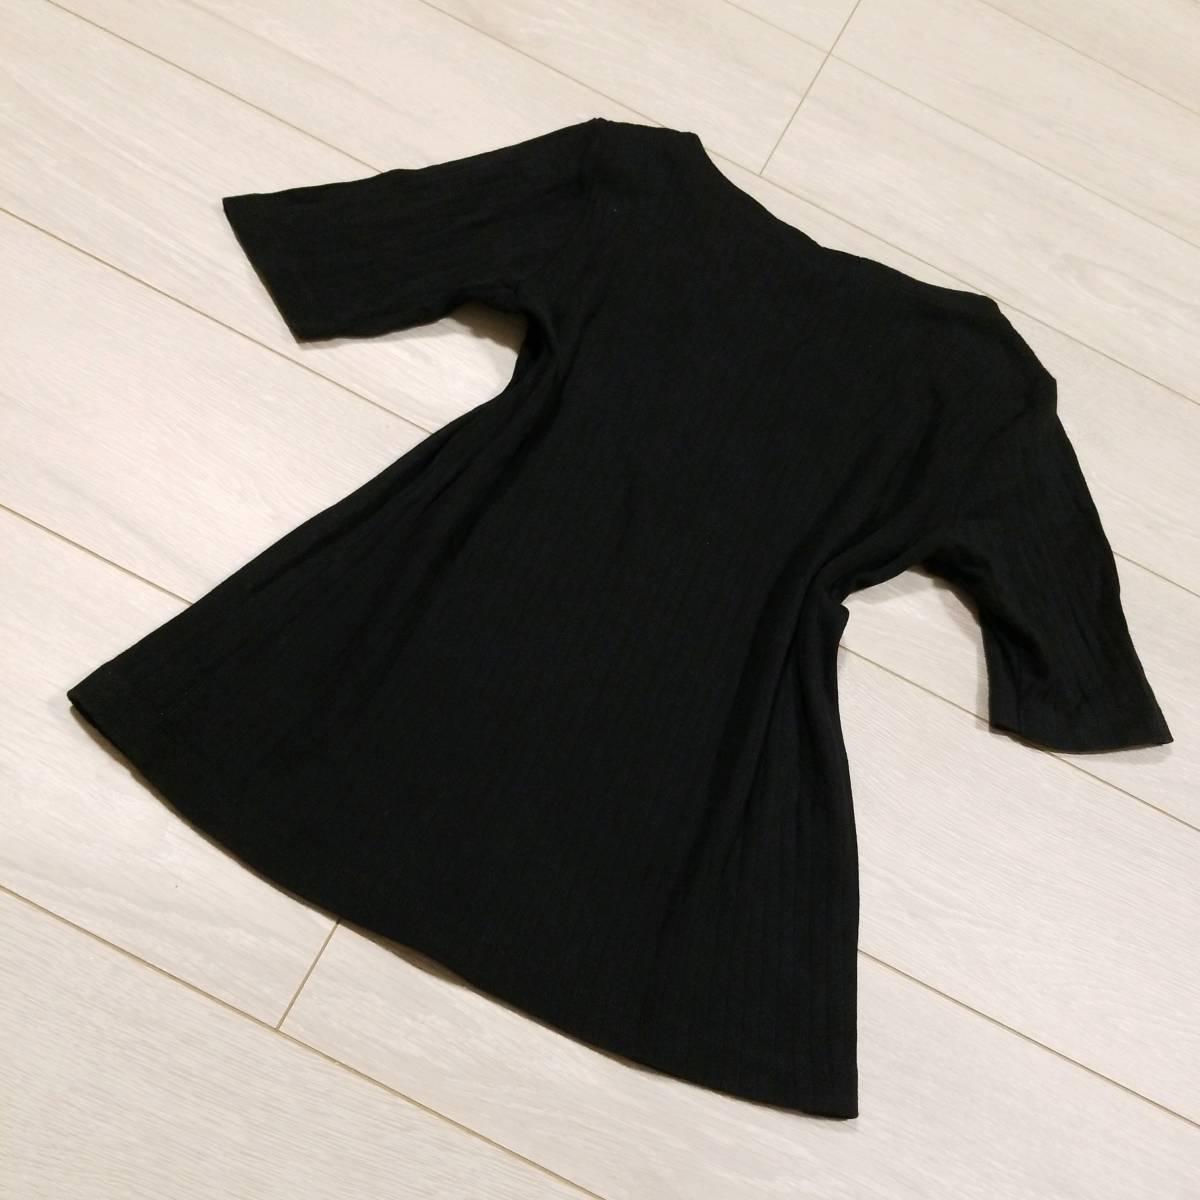 J961 UNIQLO ユニクロ Tシャツ リブ M レディース 黒系 ブラック系 カットソー 半袖 綿100% コットン オフネック..